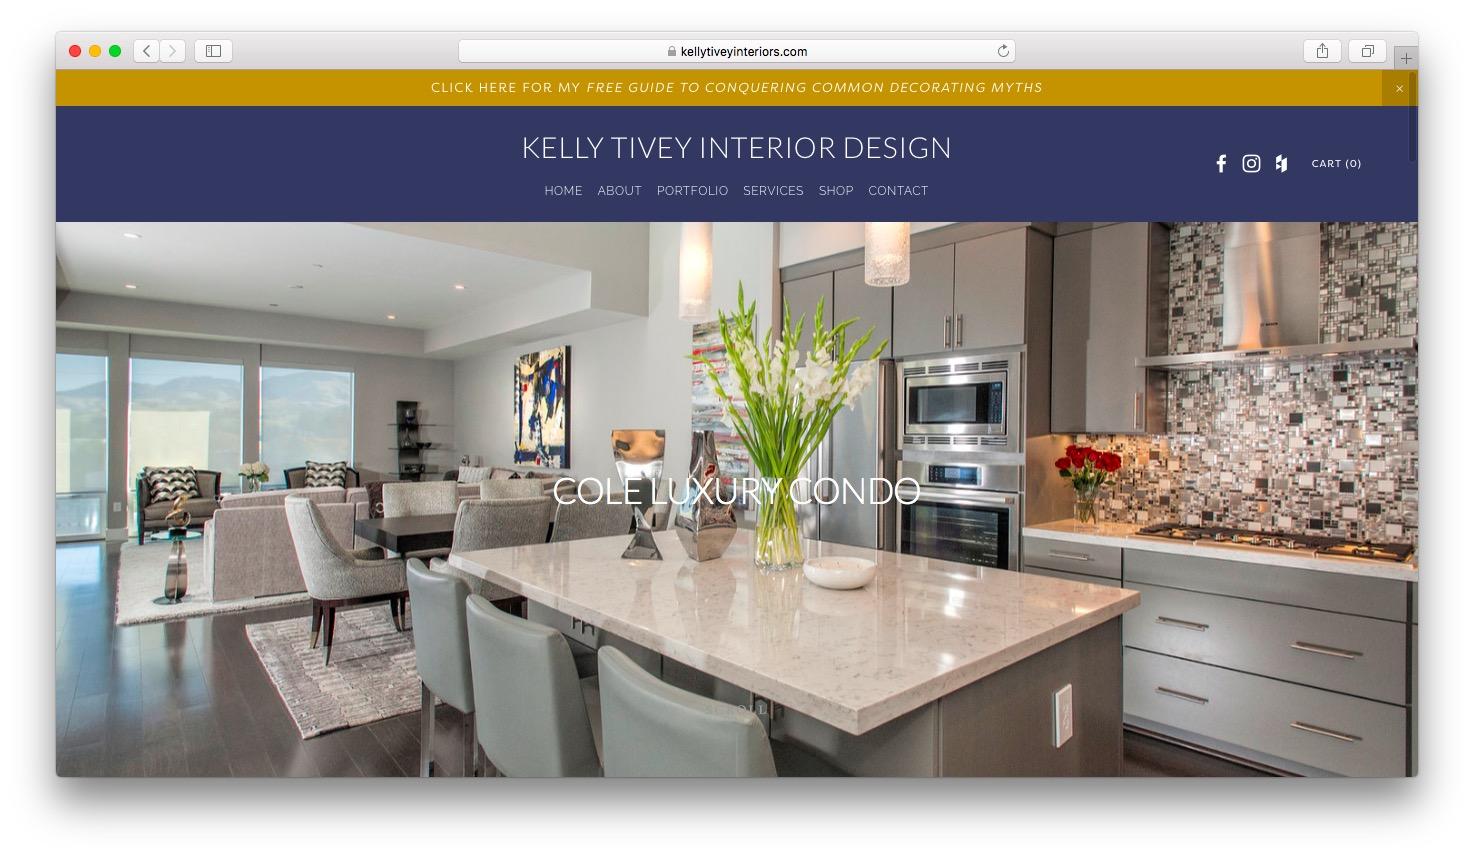 Kelly Tivey Interior Design.005.jpg